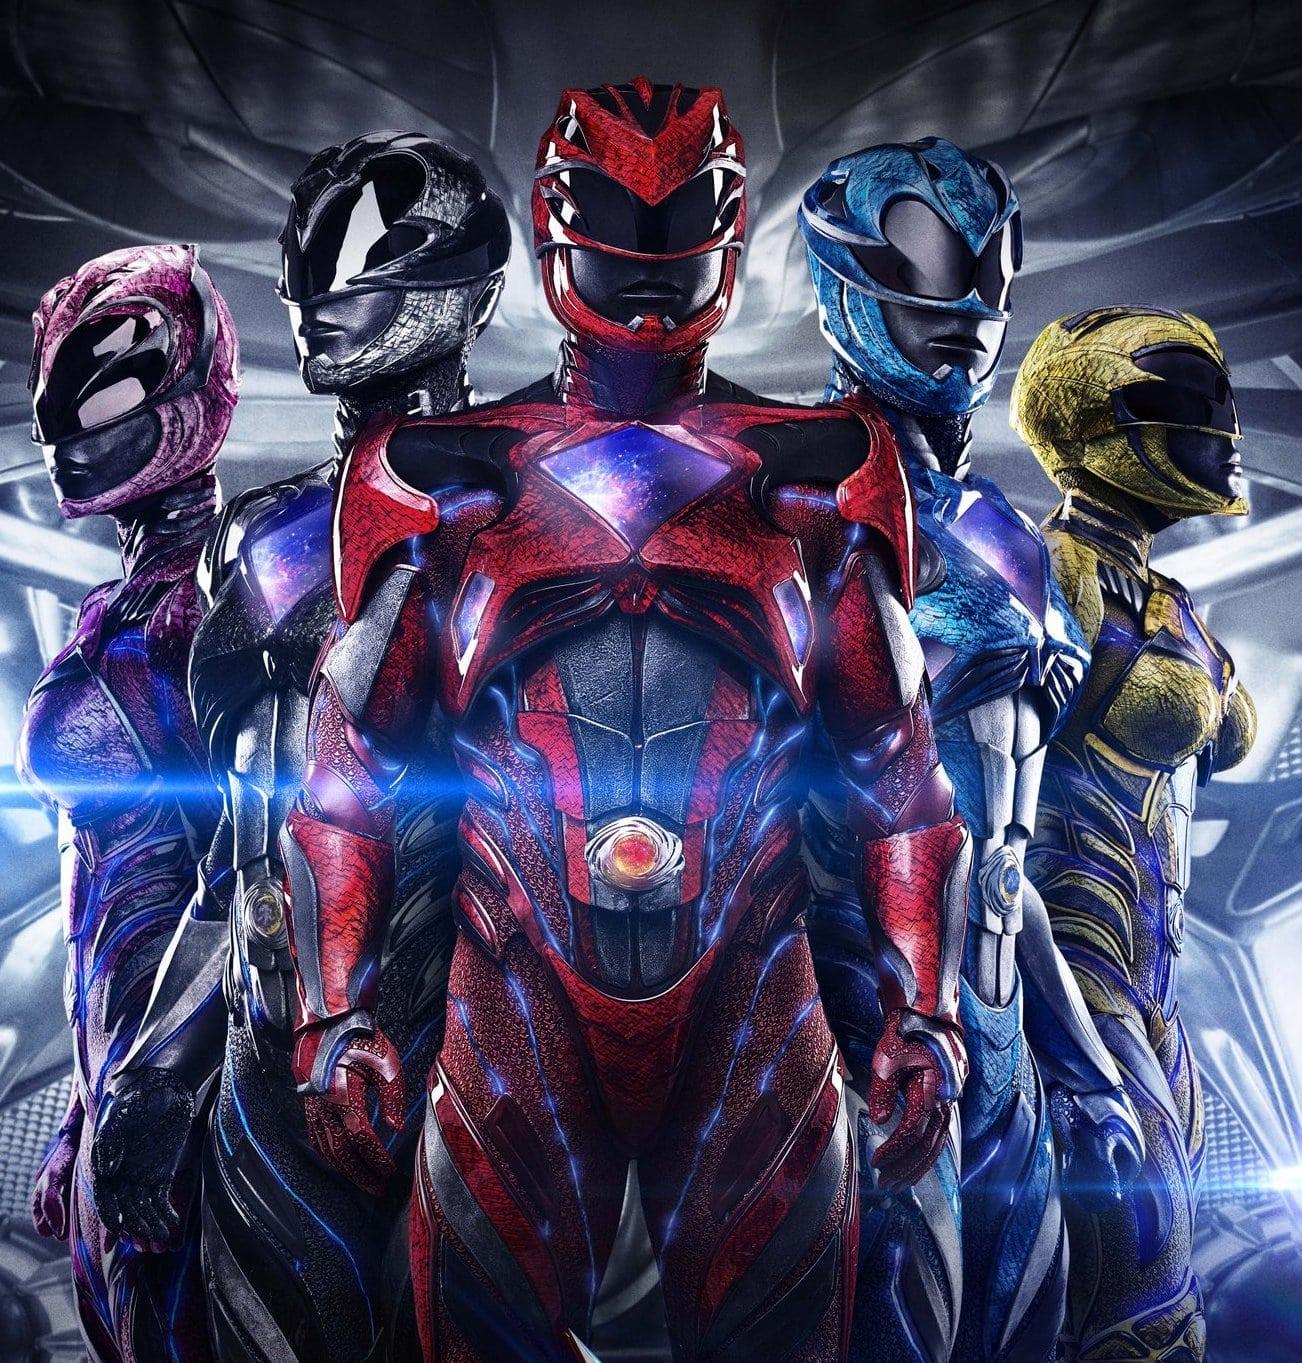 Movie Under The Guns: Power Rangers